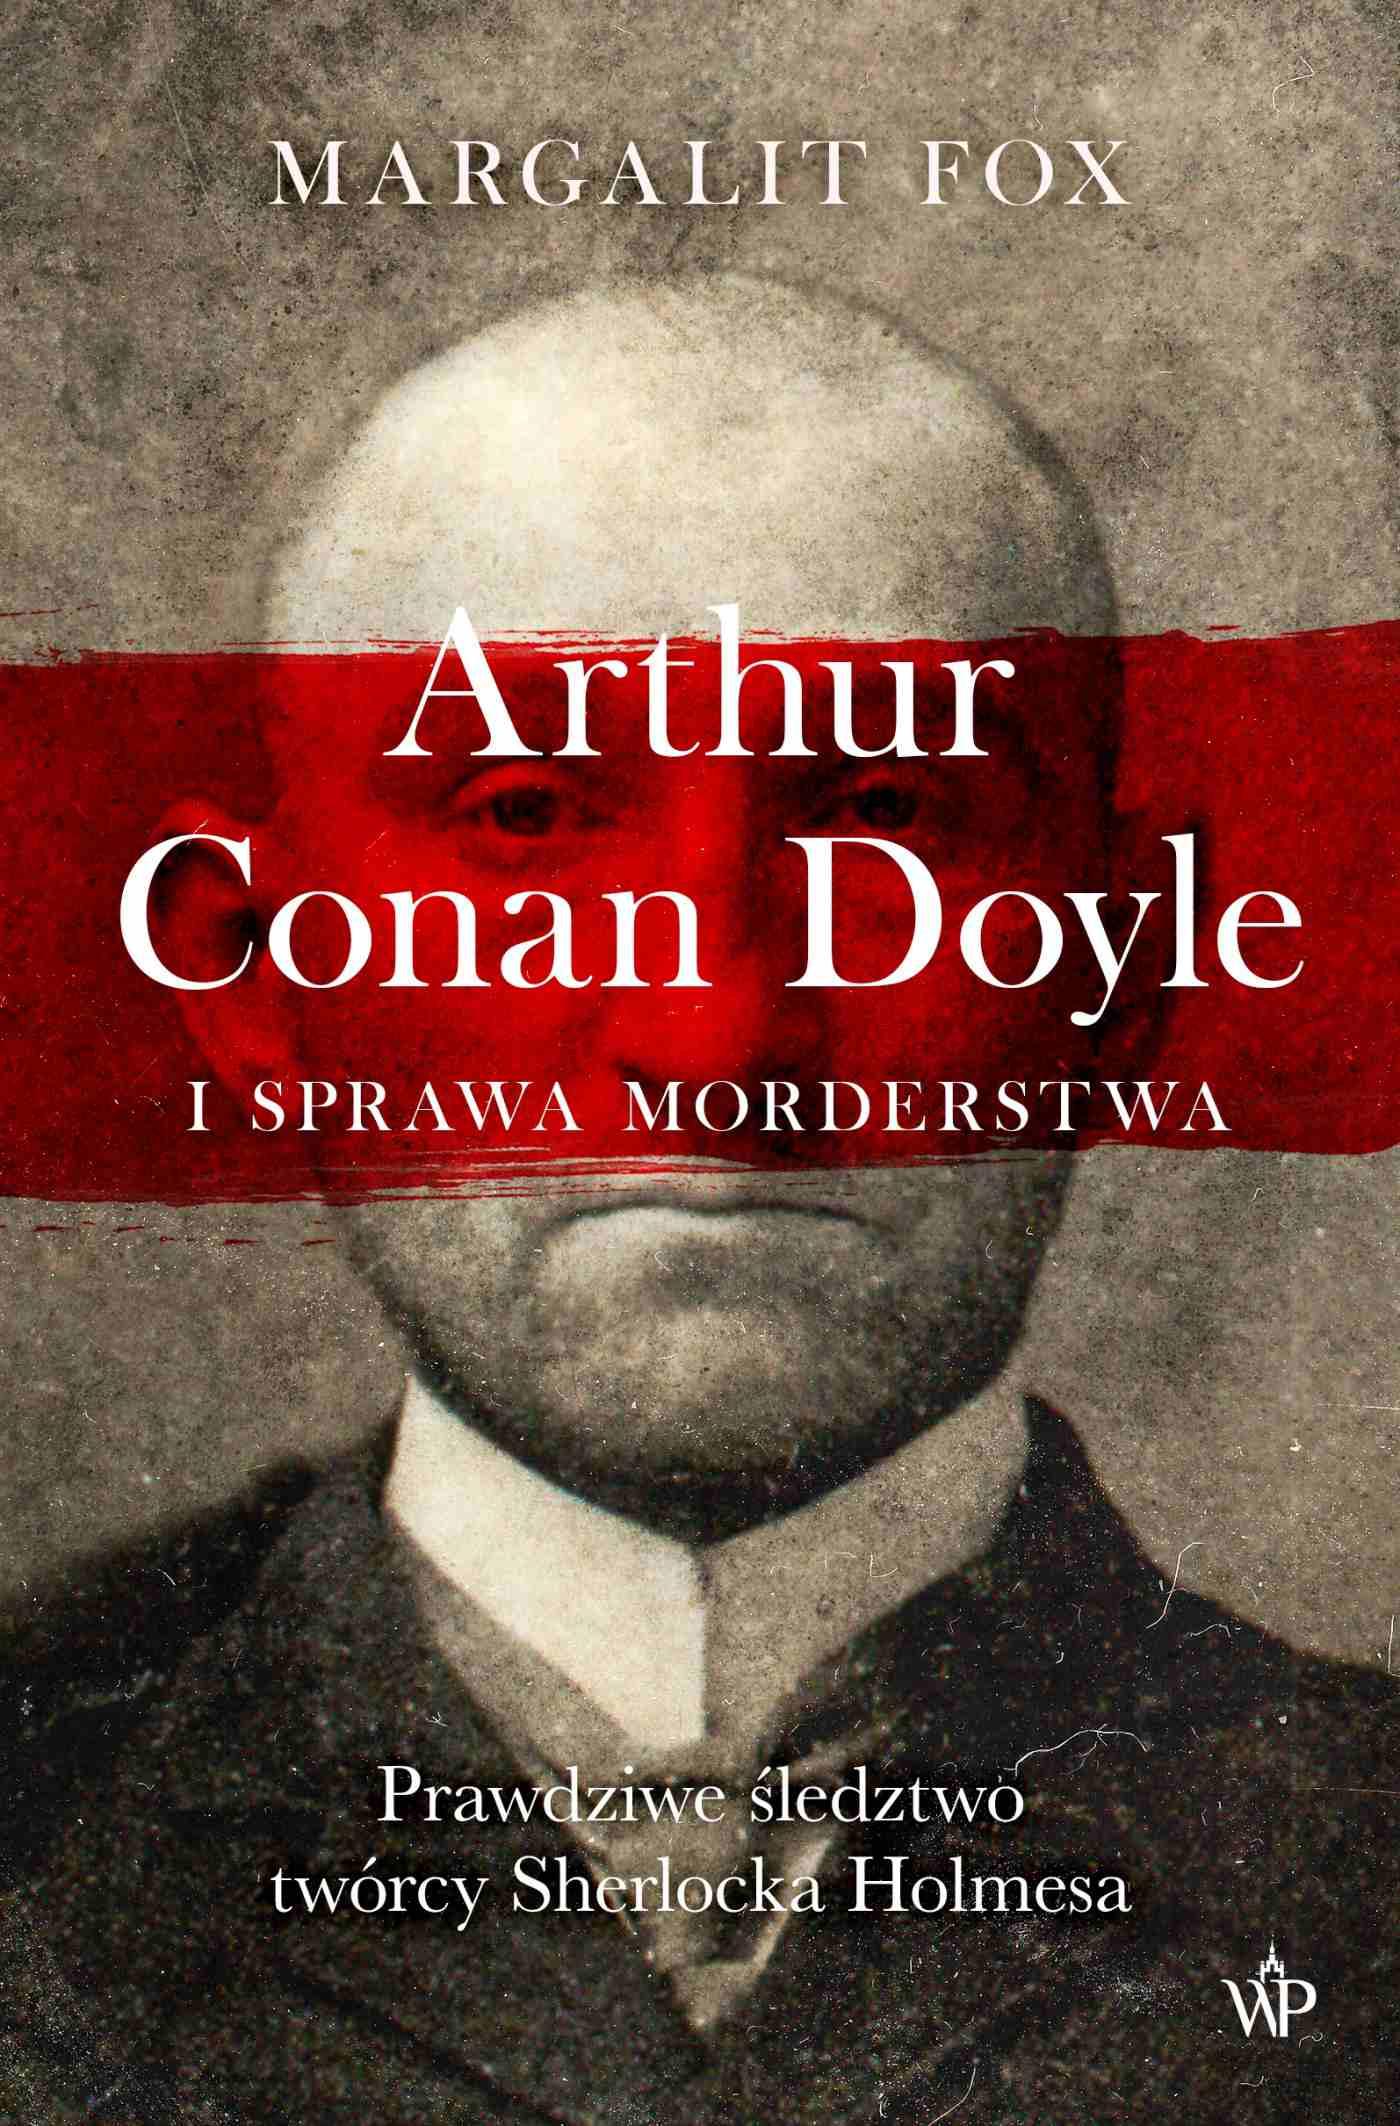 Arthur Conan Doyle i sprawa morderstwa - Ebook (Książka EPUB) do pobrania w formacie EPUB